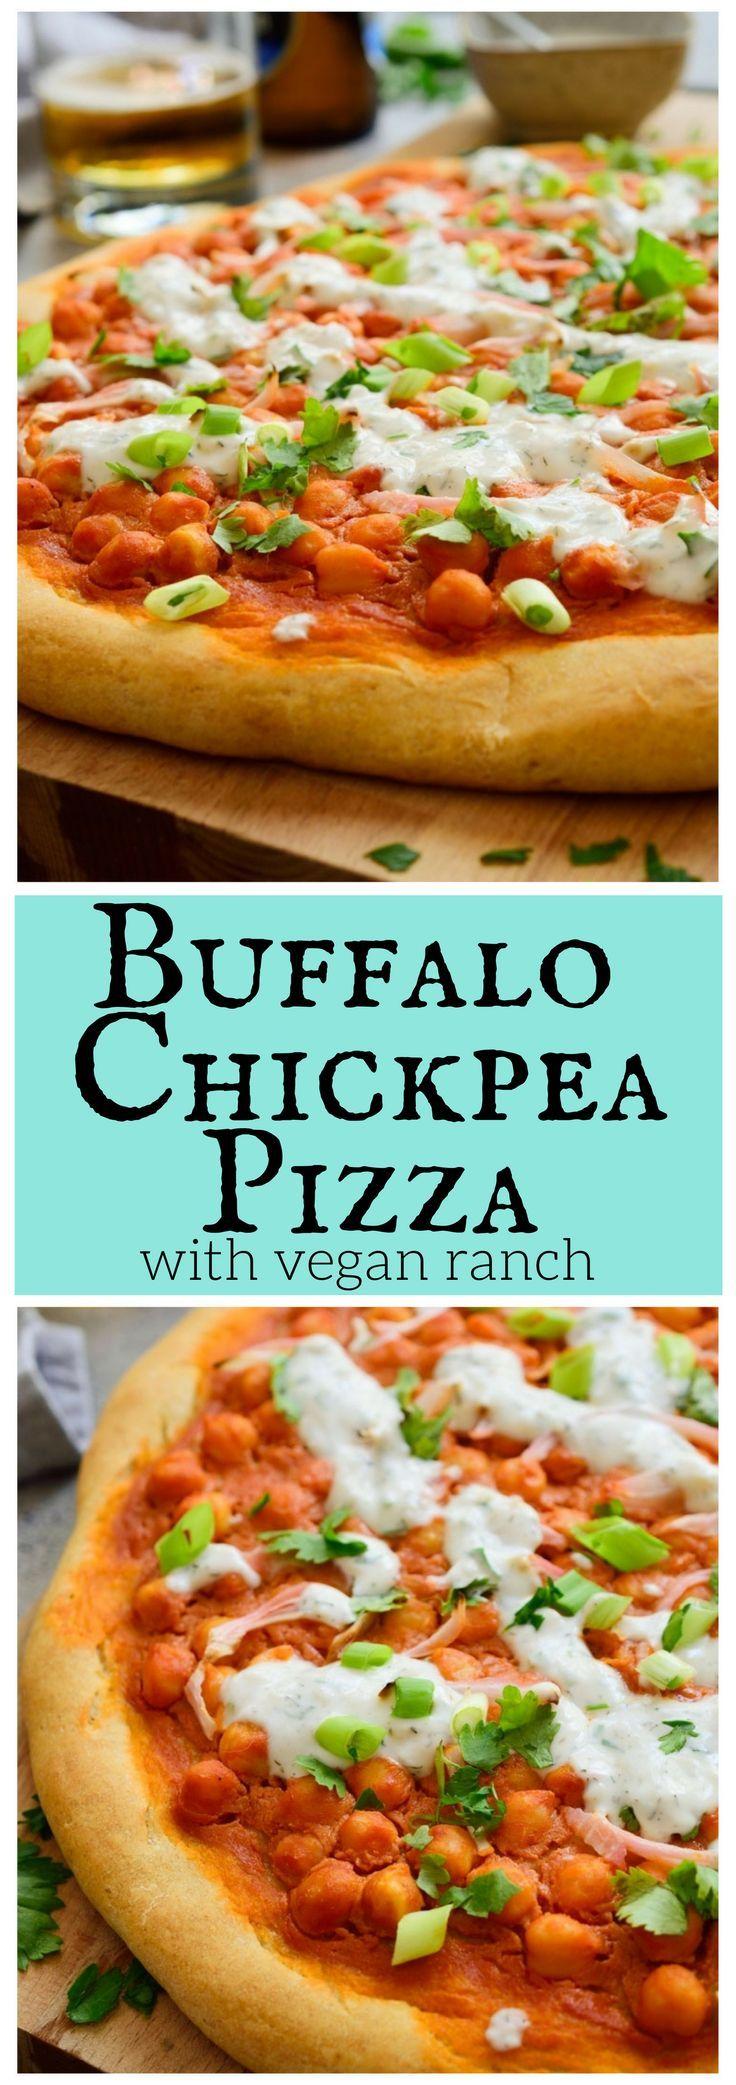 Esta pizza vegana de garbanzos y búfalos es la receta vegana definitiva de pizza ...